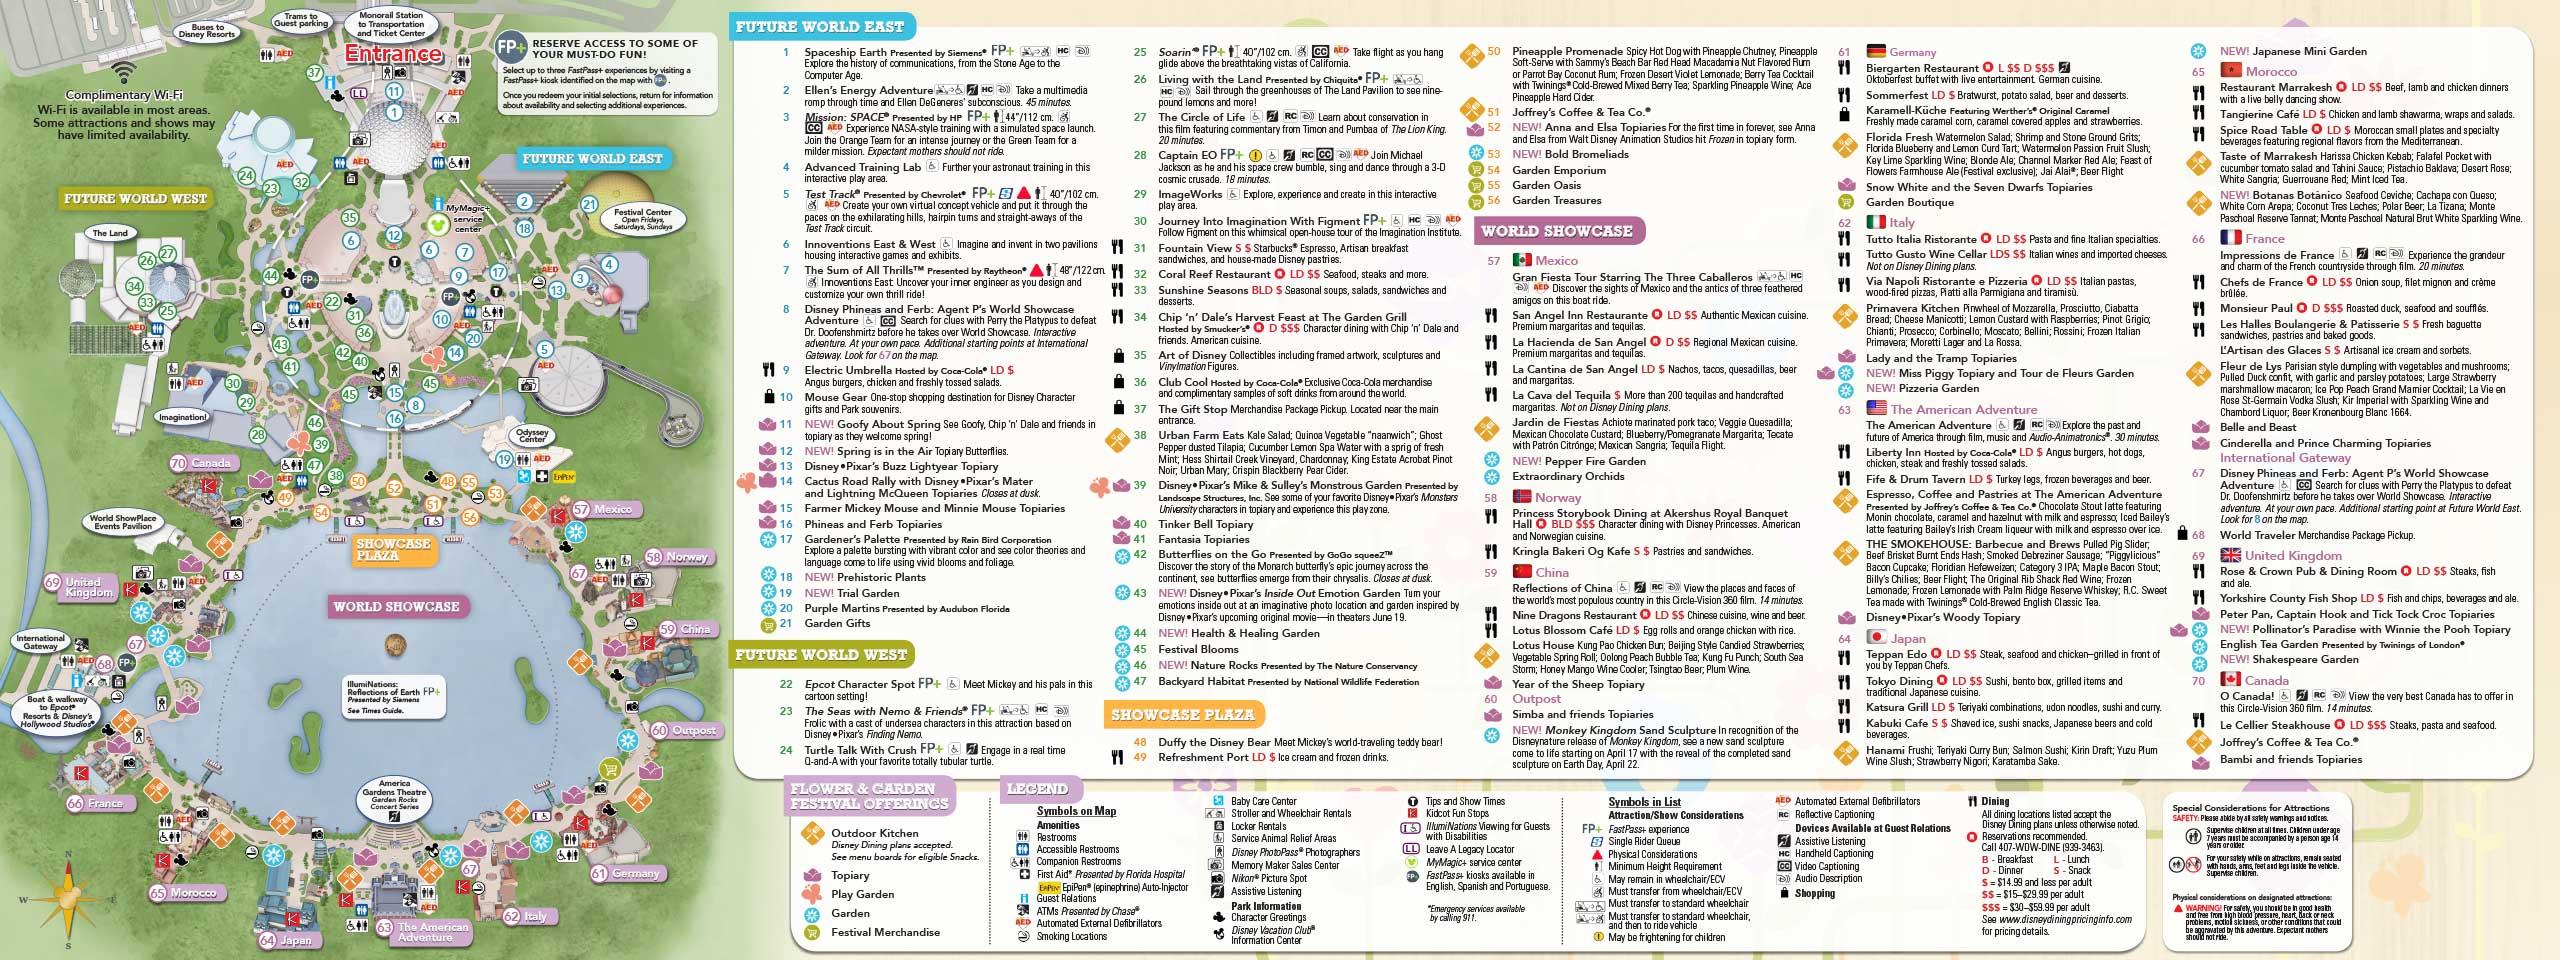 ... Festival - 2015 Epcot Flower and Garden Festival guide map - Back